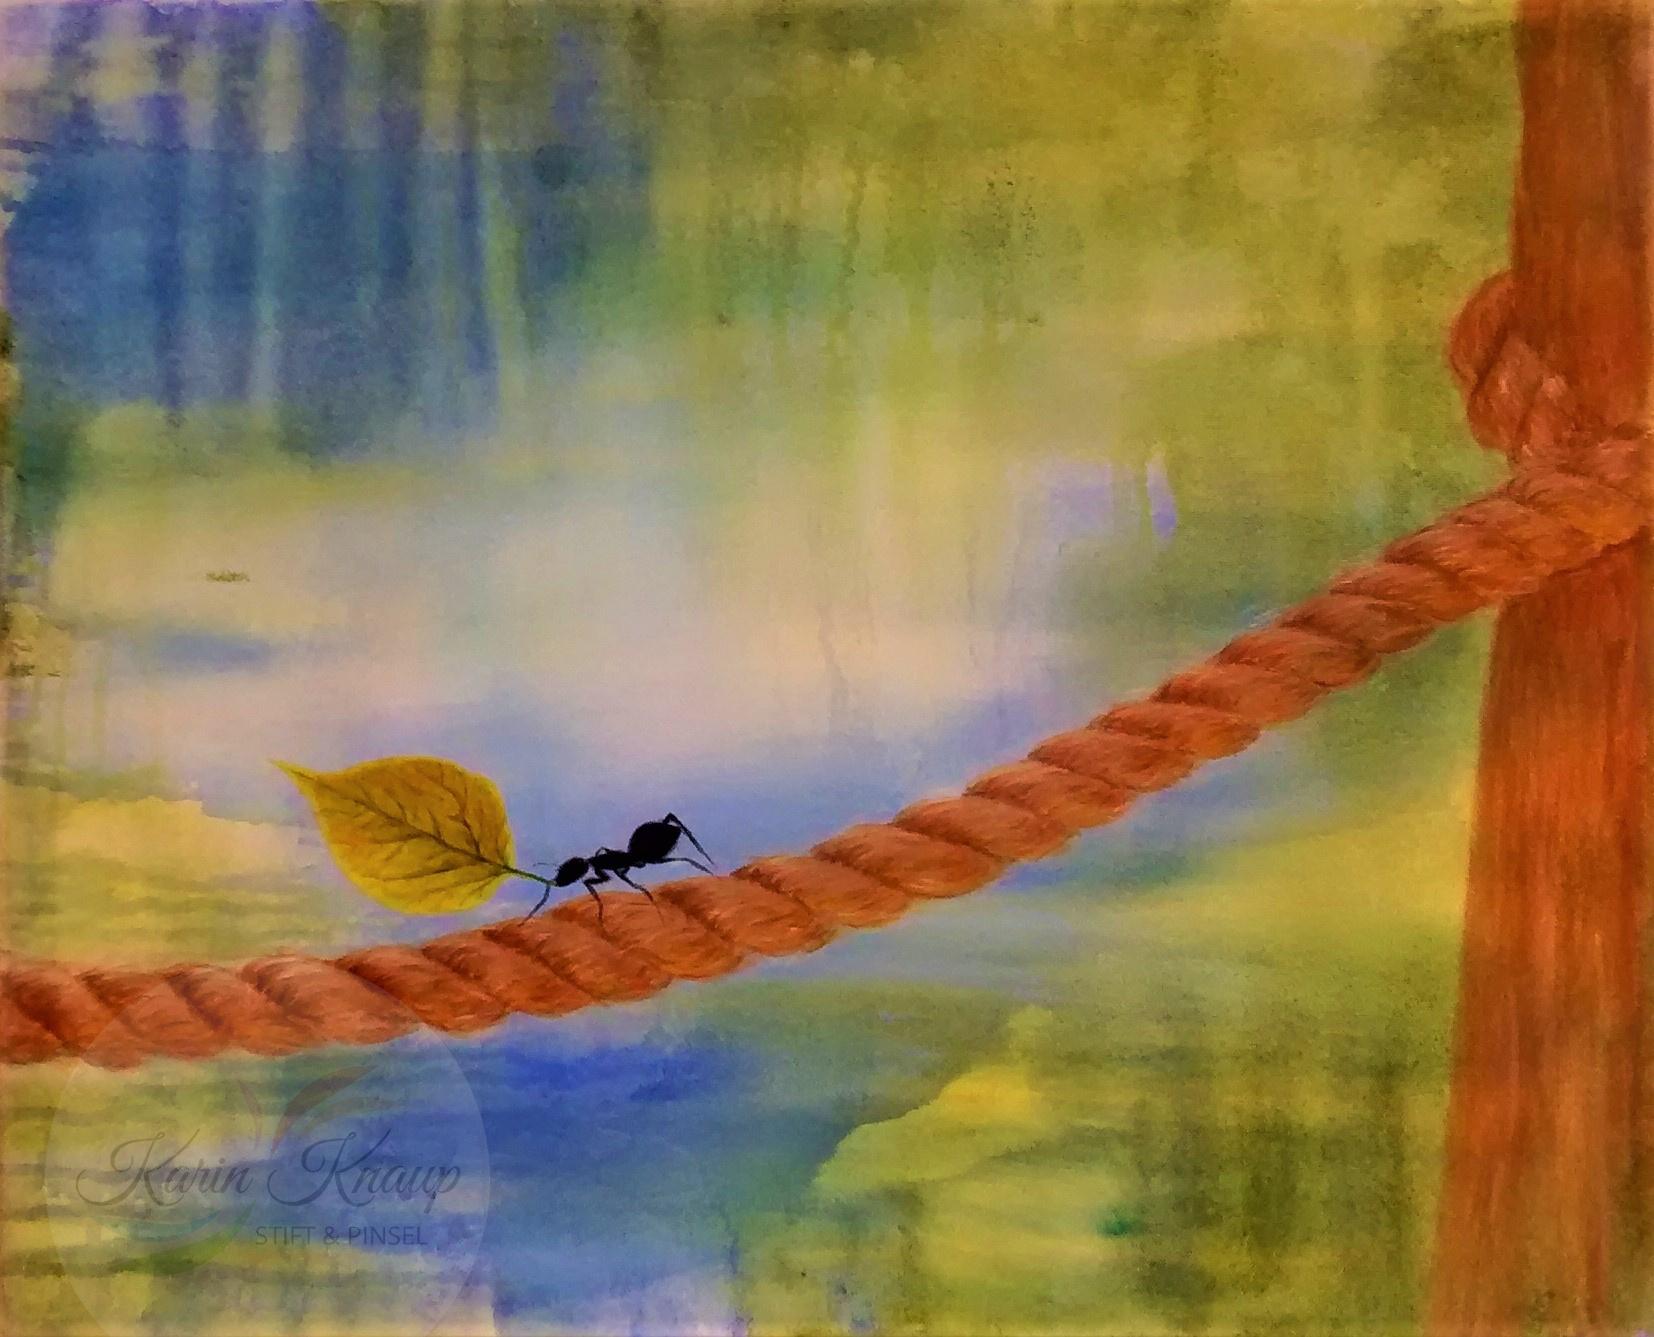 Blattschneiderameise, Acryl auf Leinwand, 50 x 60 cm